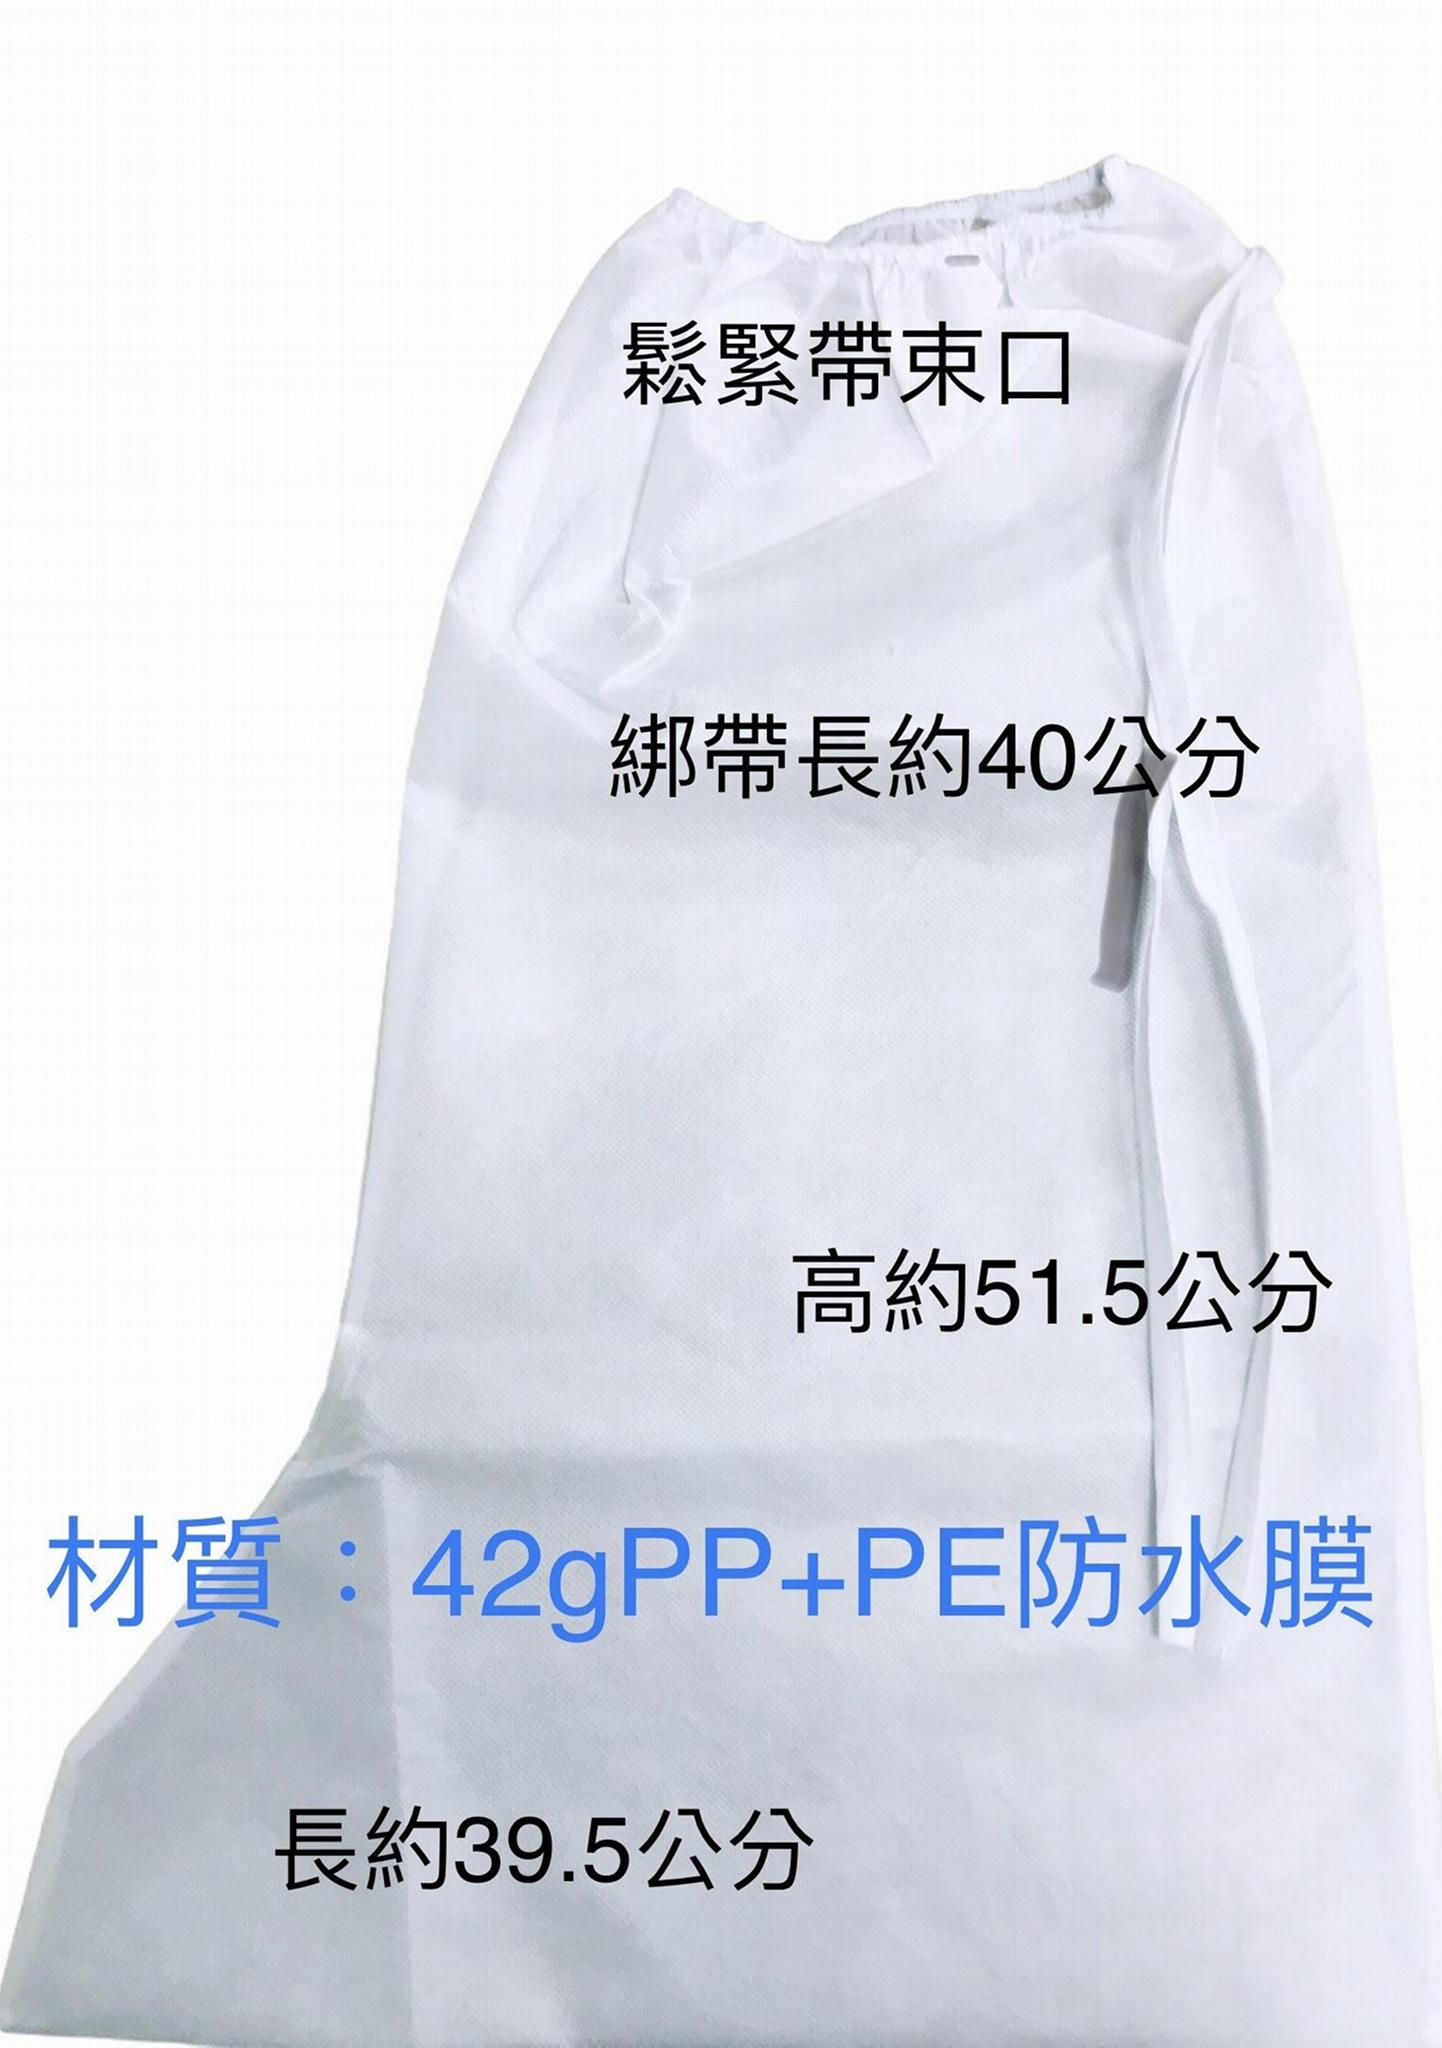 PP+PE